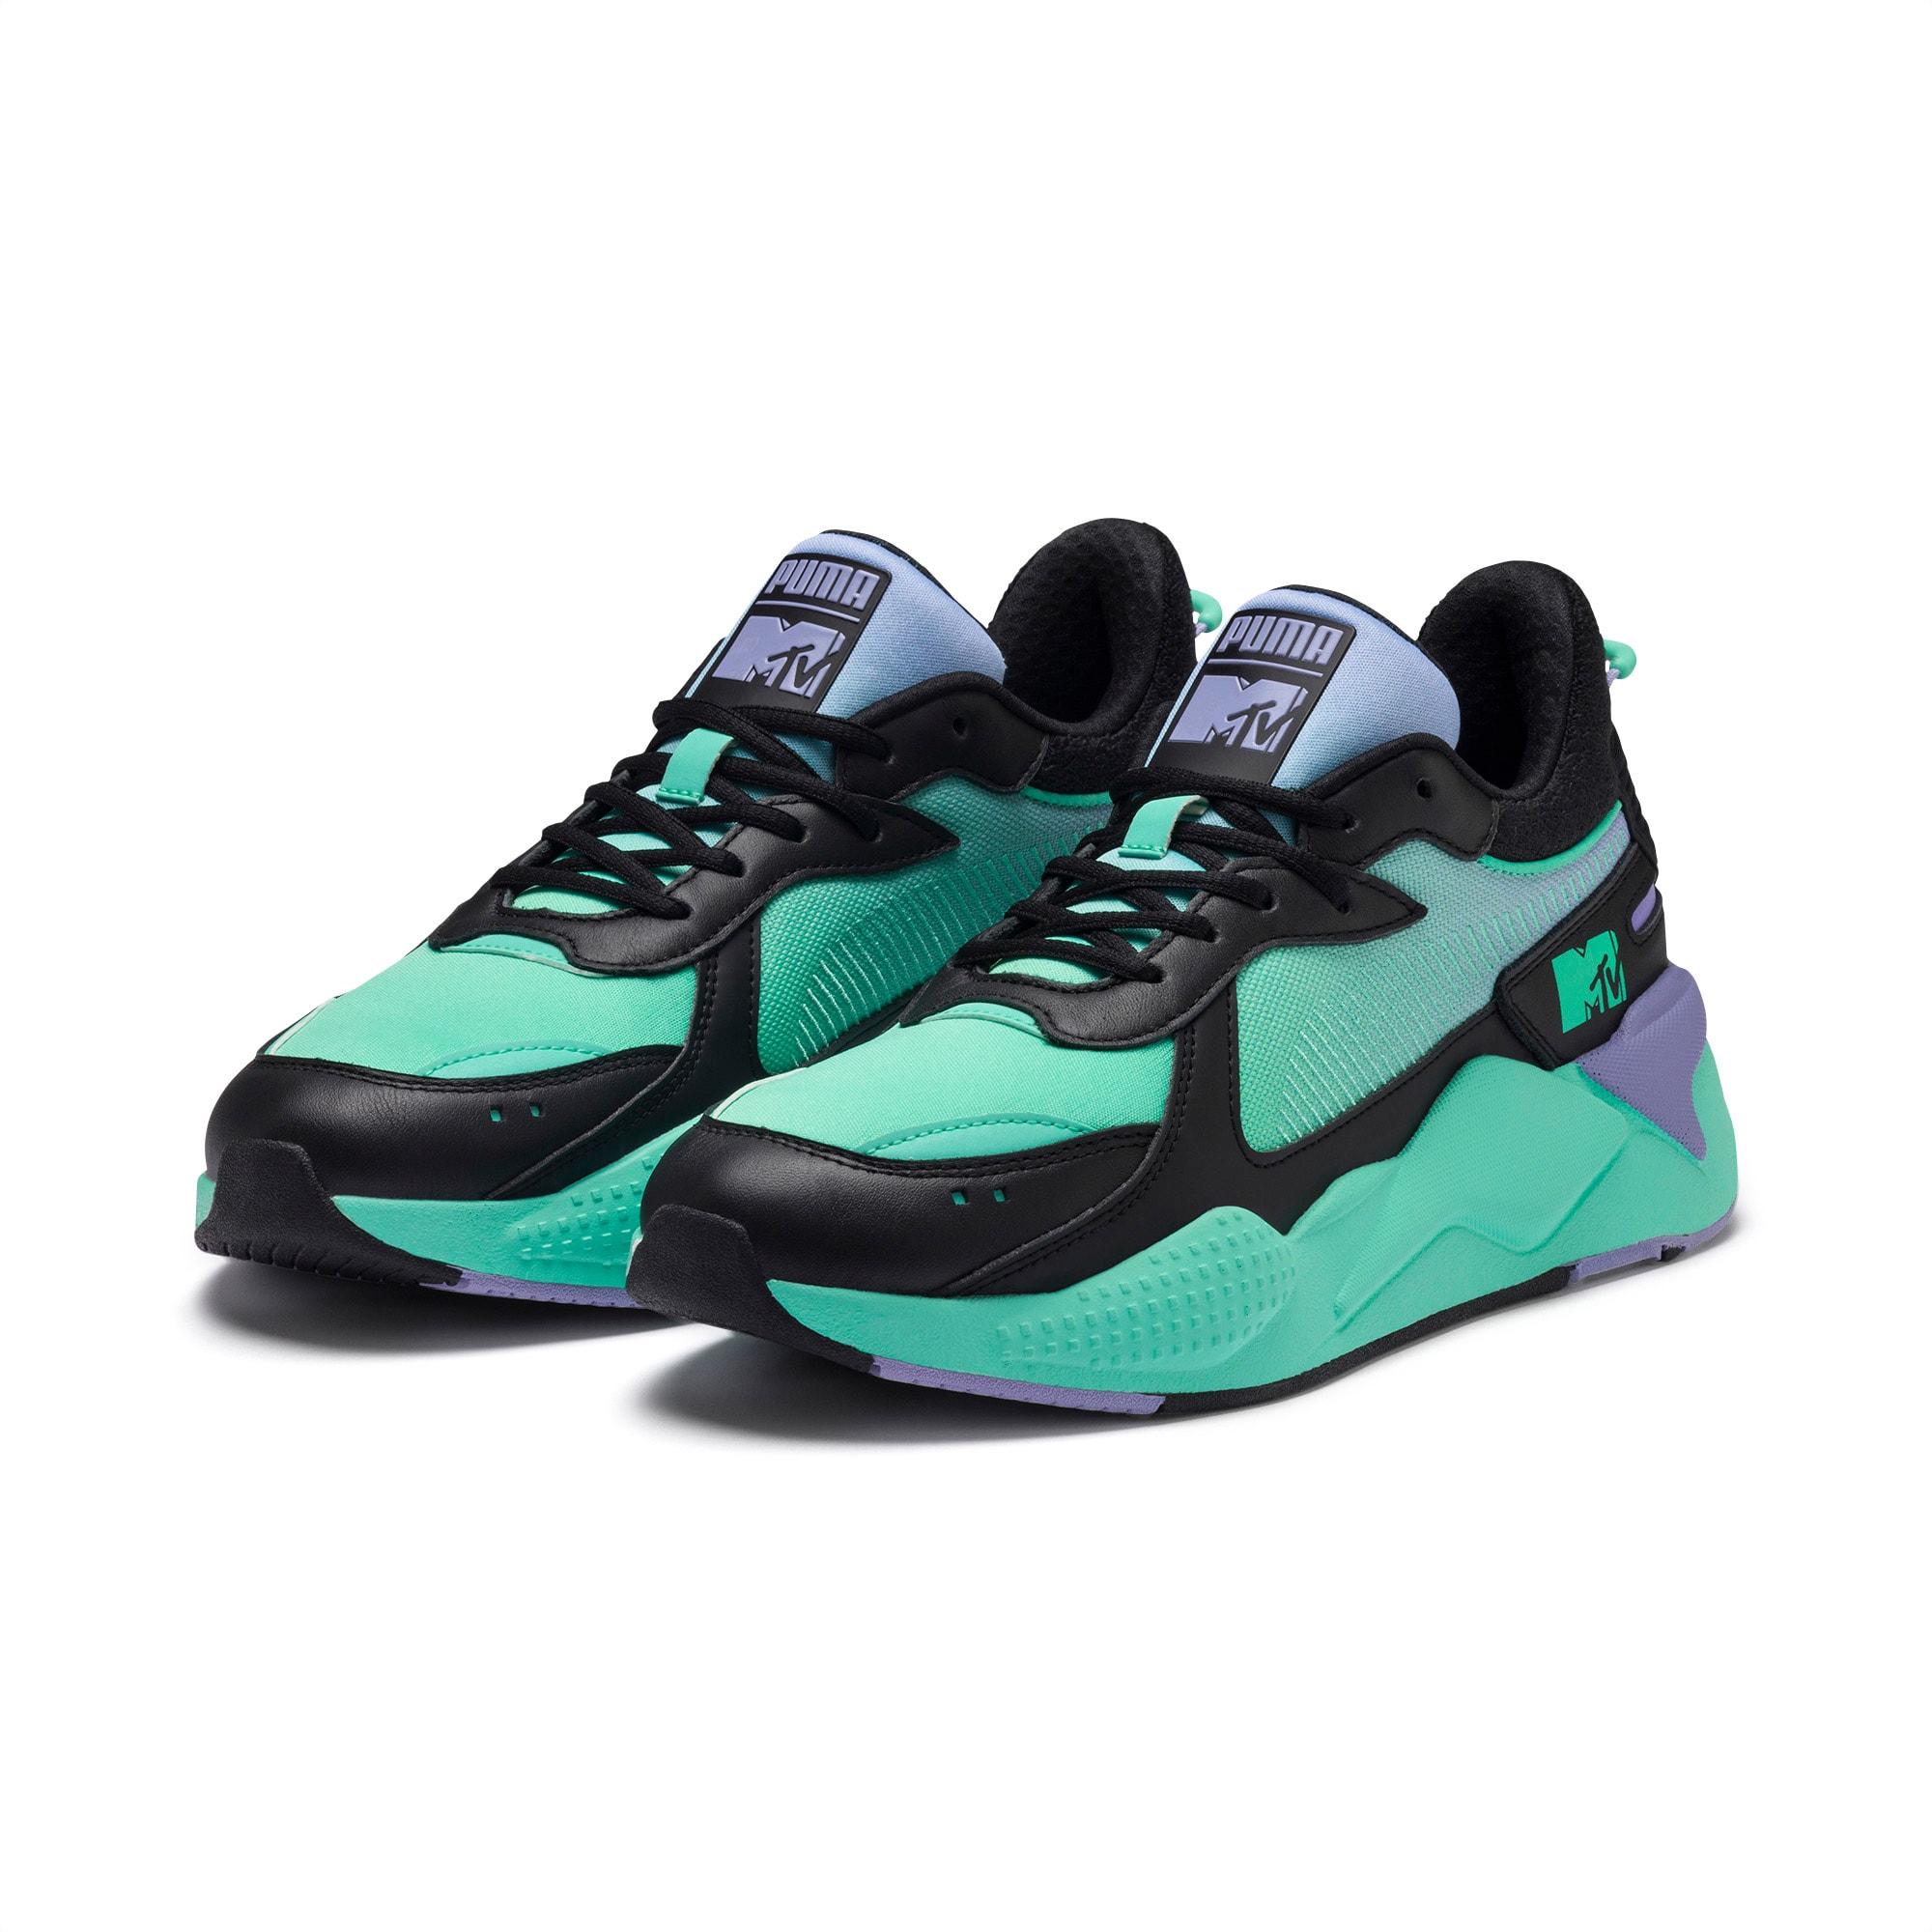 RS X Tracks MTV Gradient Gloom Sneakers